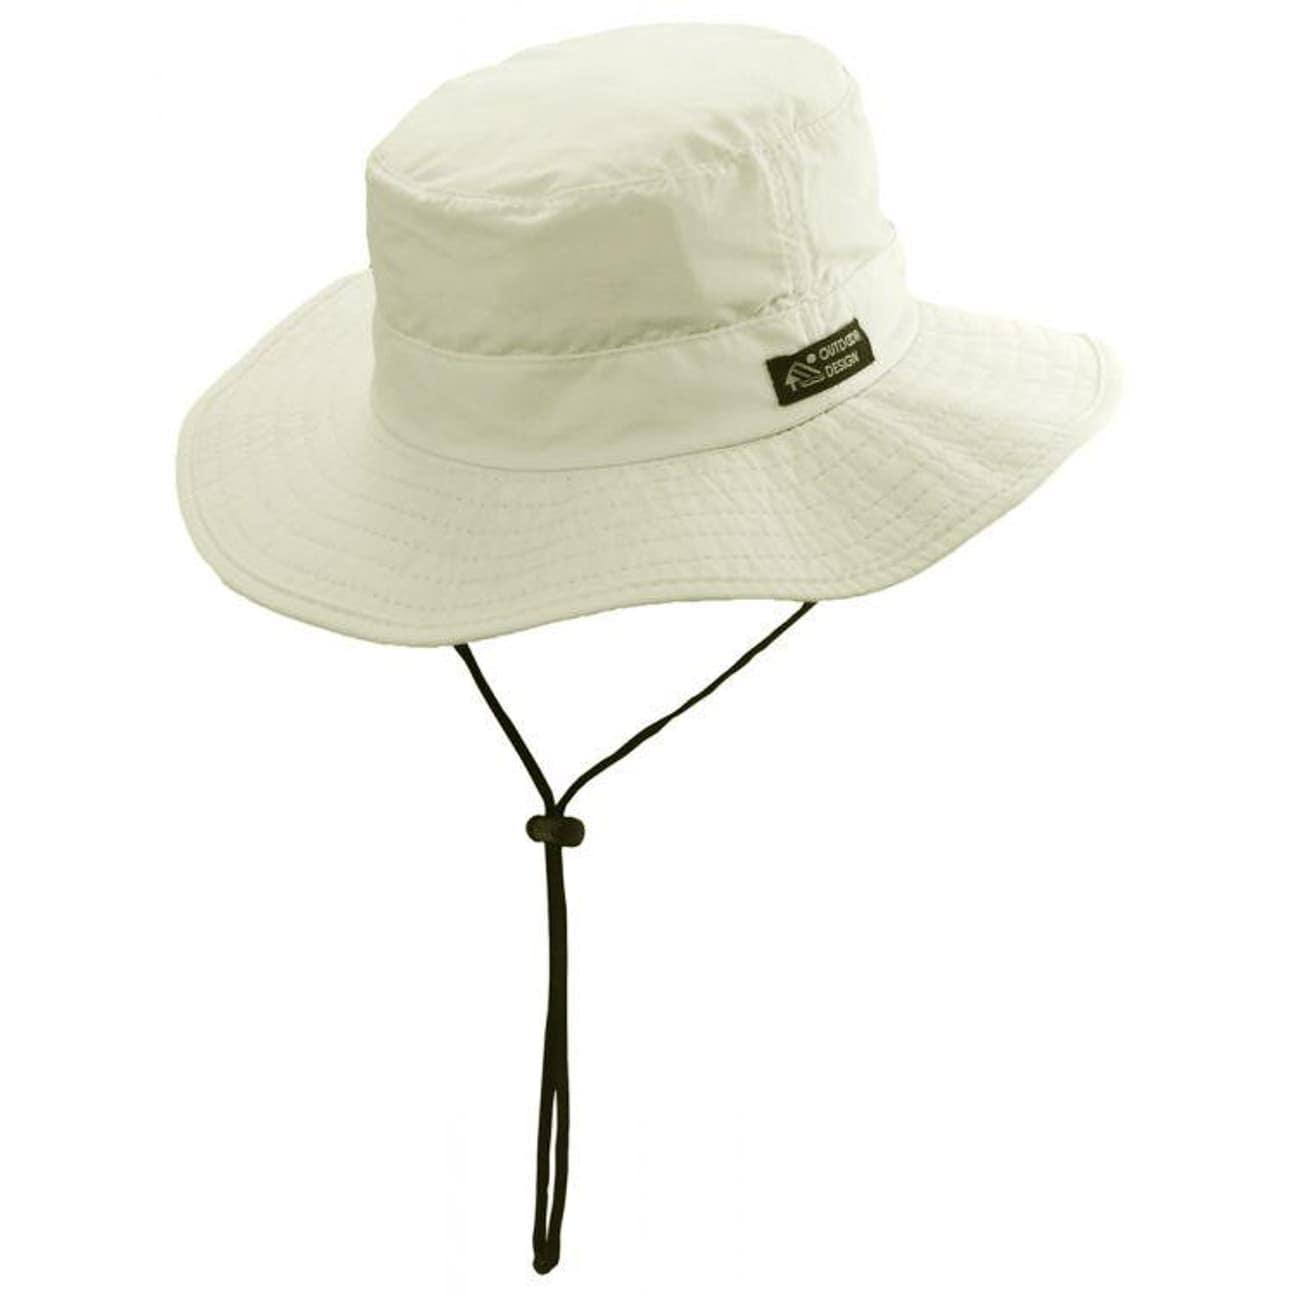 ... Sombrero Supplex con Banda Barbilla - blanco crema 1 720cc20f736